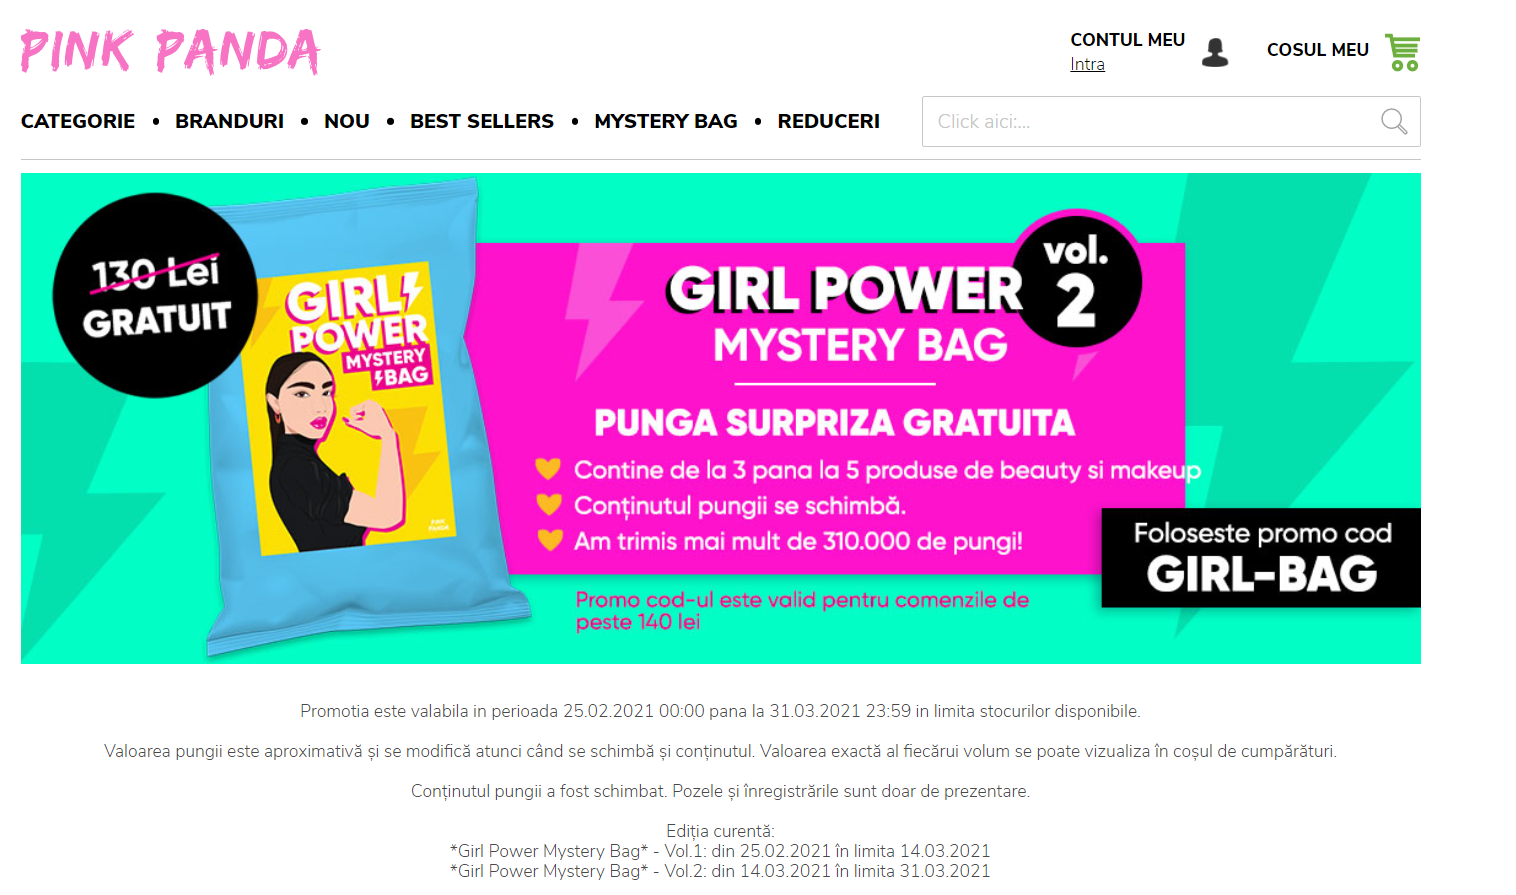 Un gift card la atingerea unui prag de cumpărare te ajuta sa cresti valoarea medie a comenzii in magazinul online.